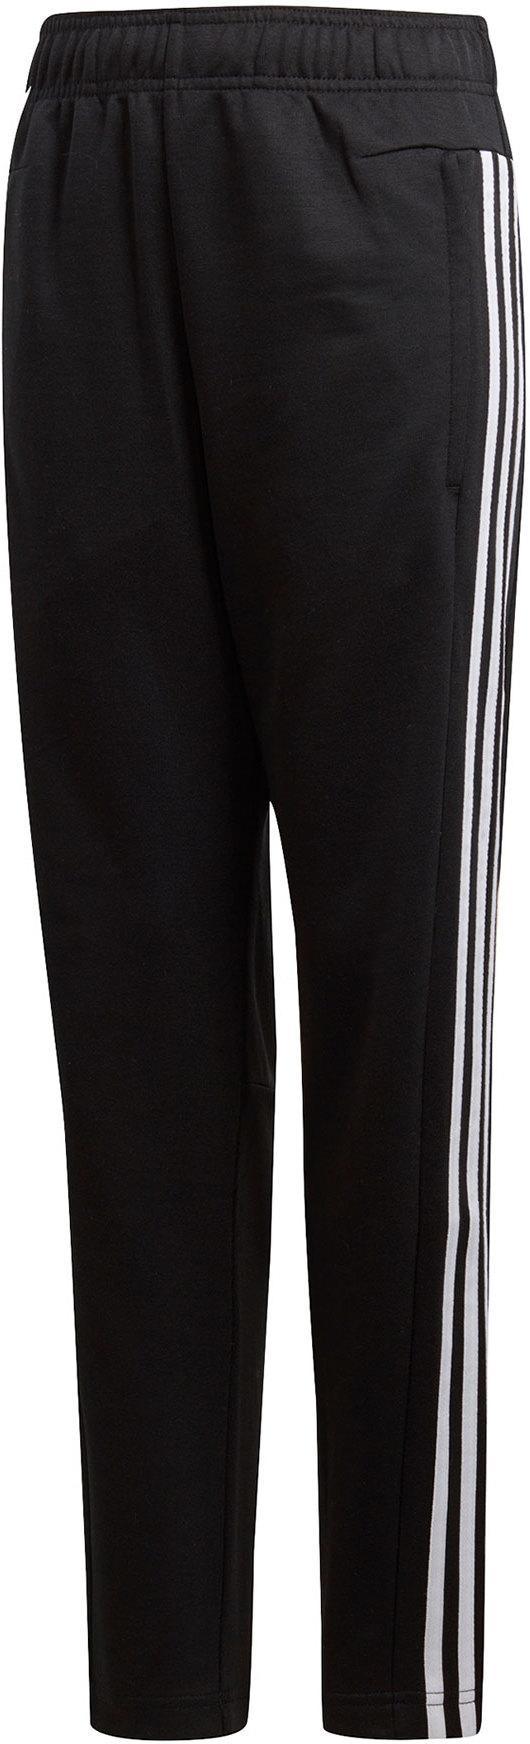 6cebd397 Best pris på Adidas ID Tiro bukse (junior) - Se priser før kjøp i Prisguiden